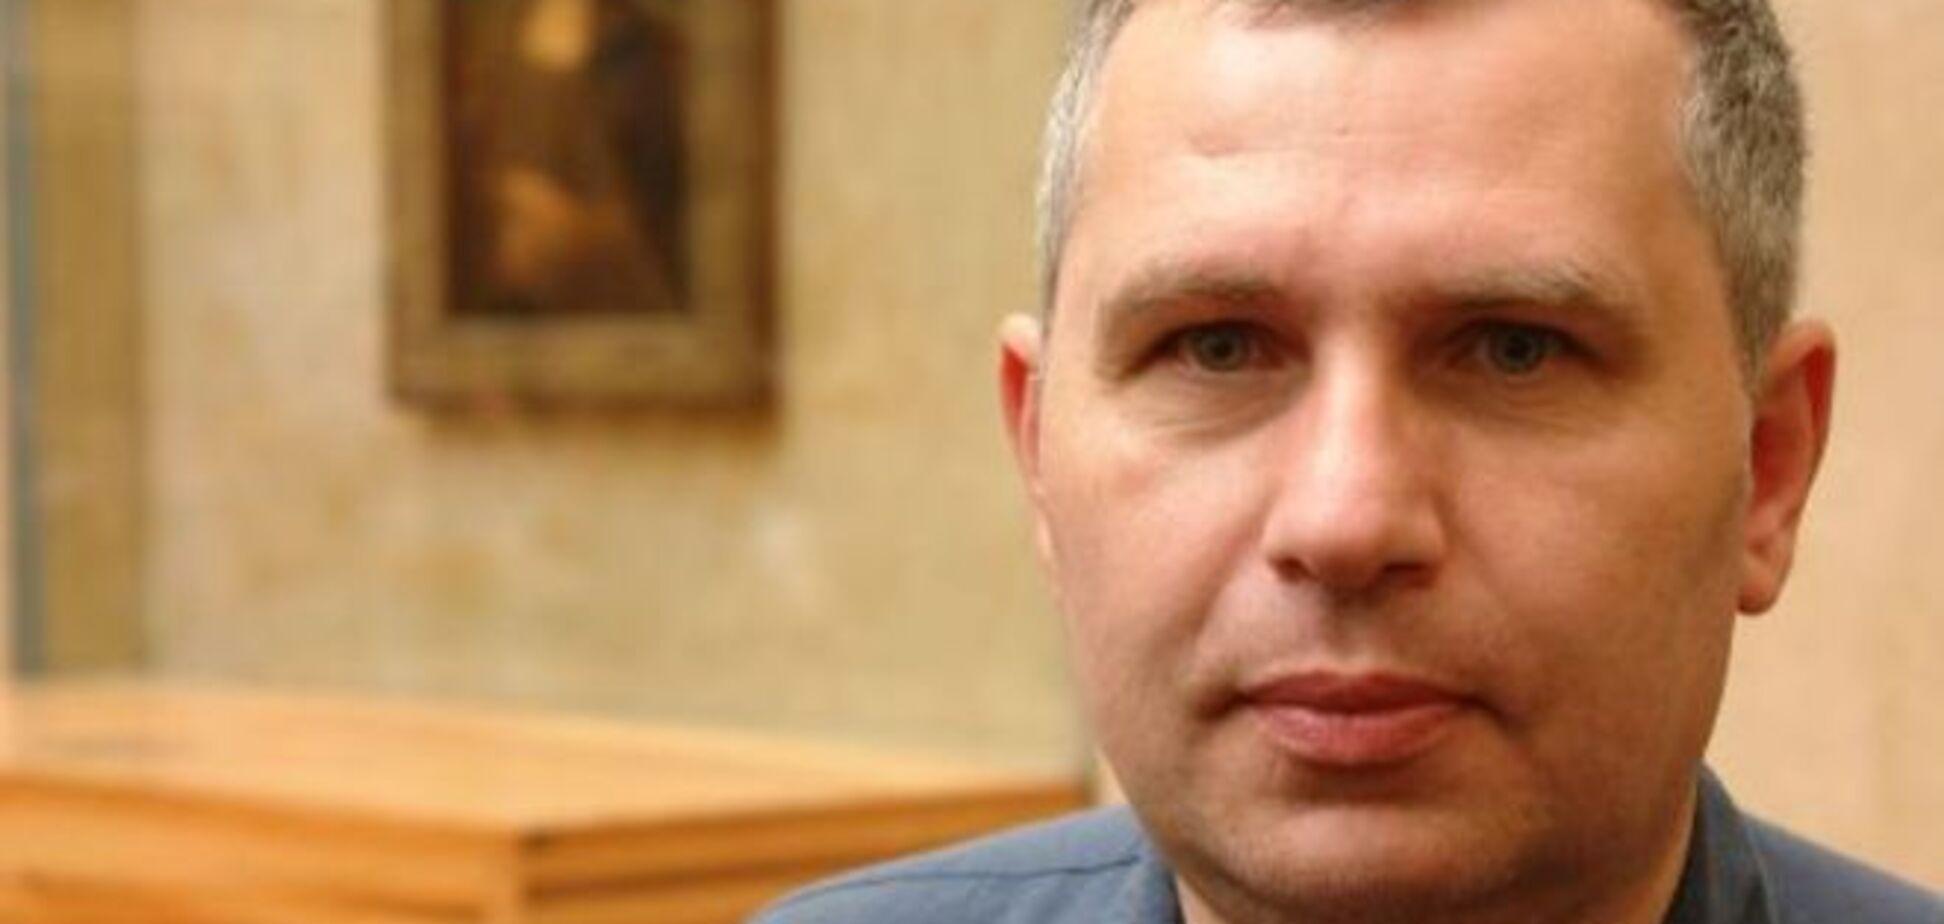 Екс-полковник СБУ розповів, як залагодити ситуацію в Україні за один день